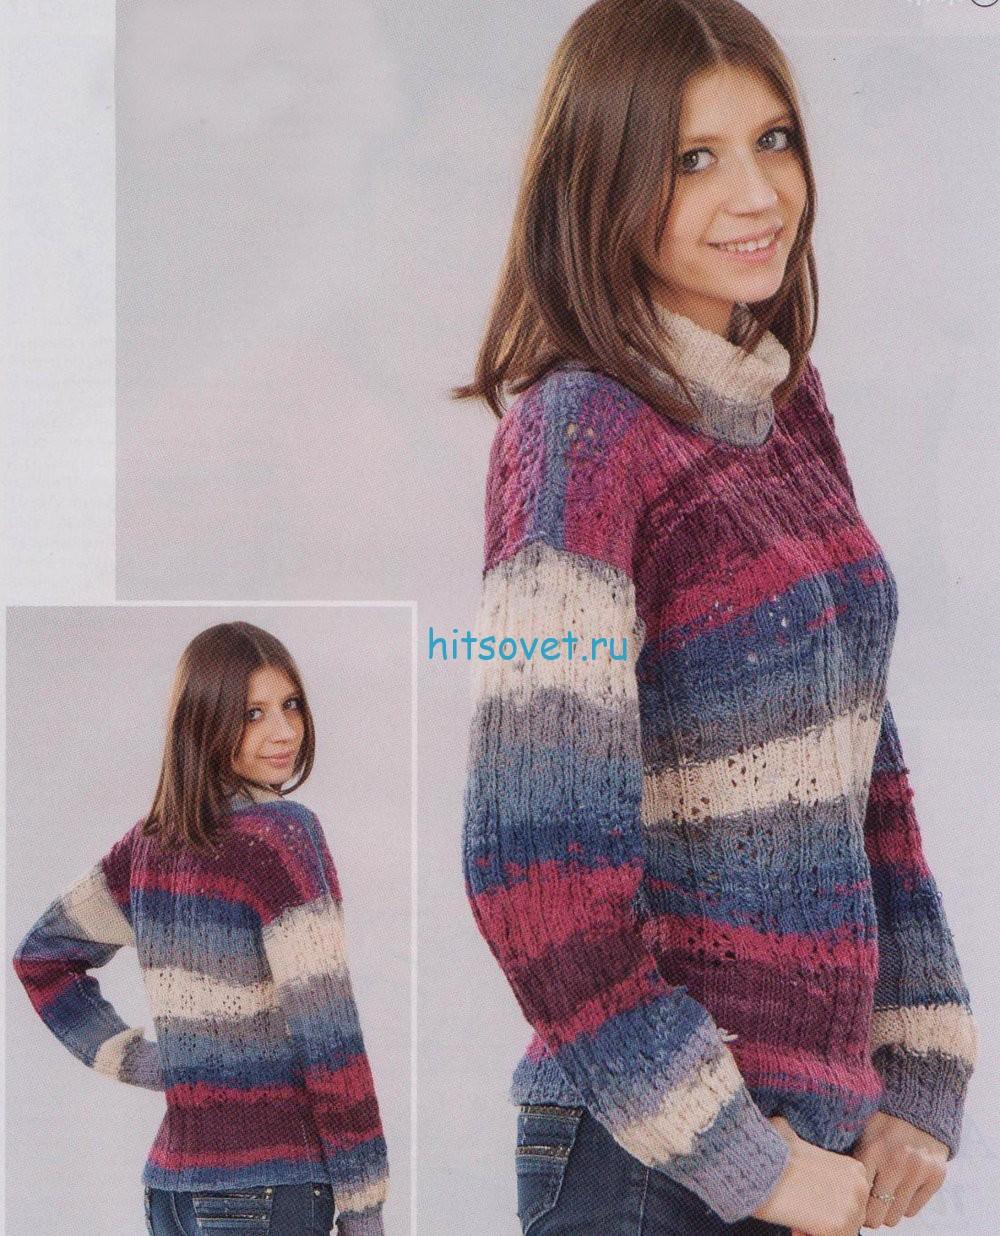 Ажурный свитер спицами, фото.